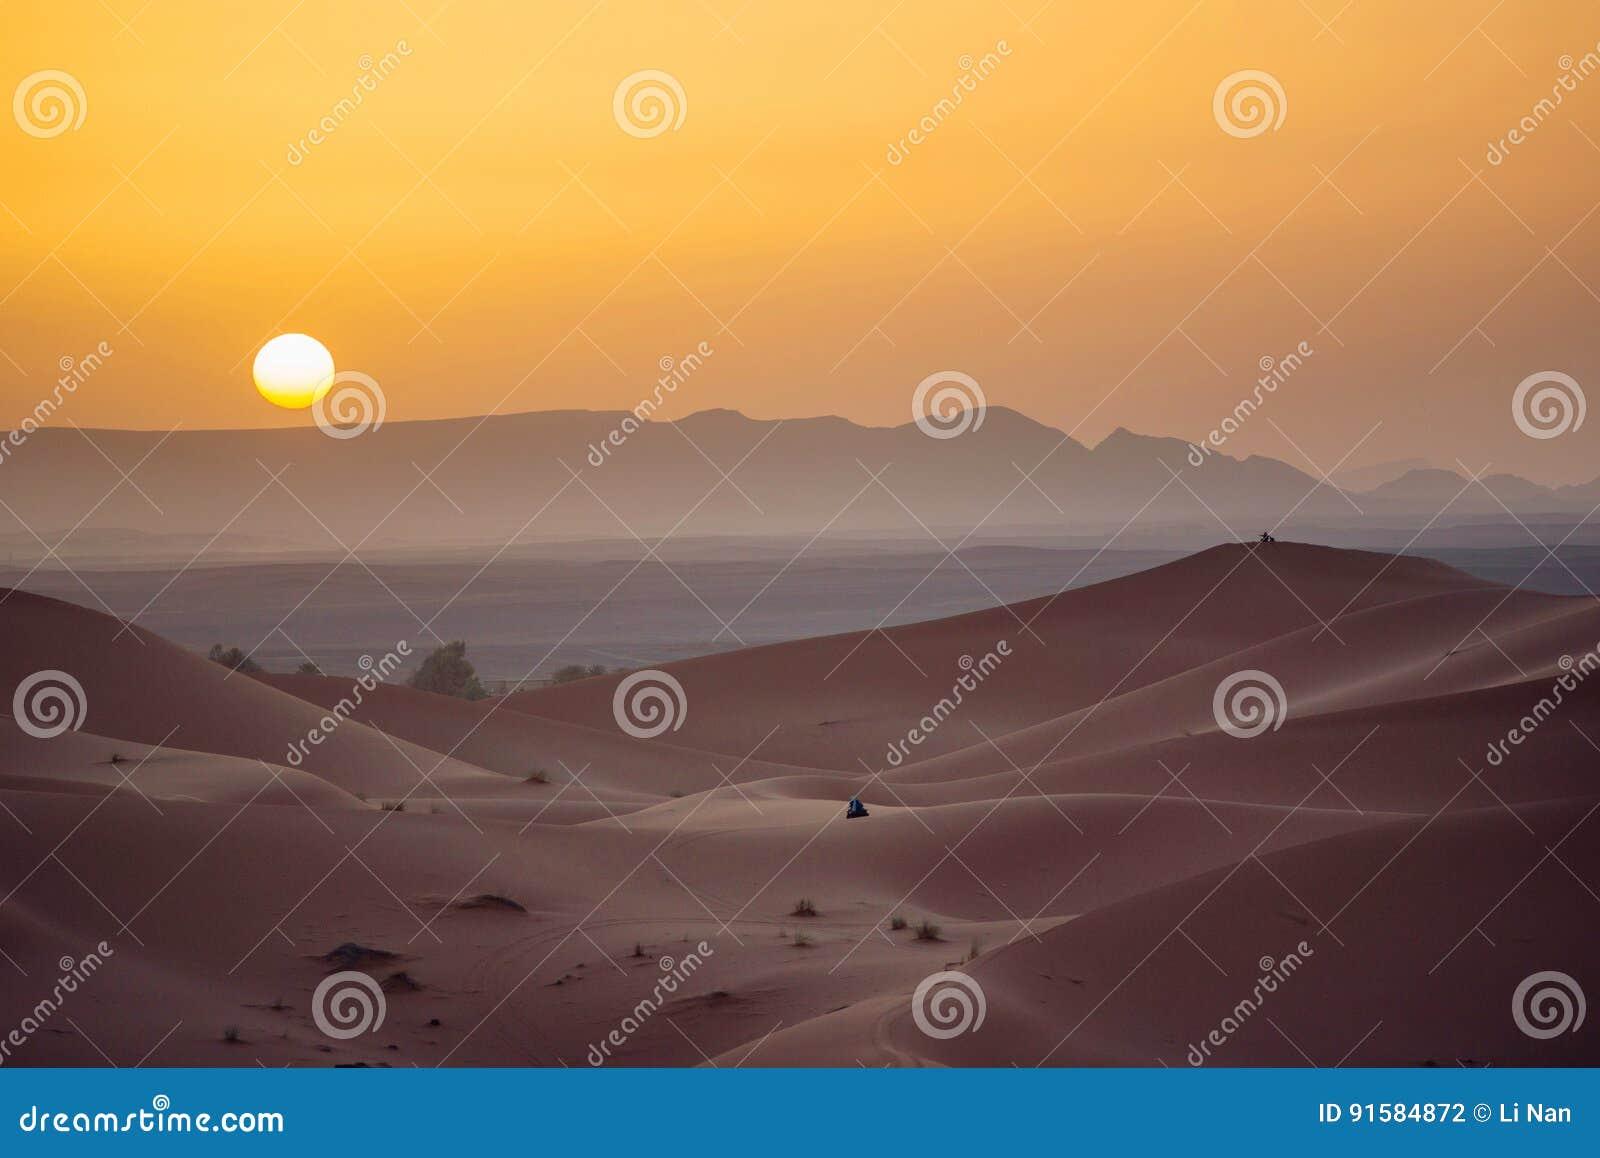 沙漠撒哈拉大沙漠日落